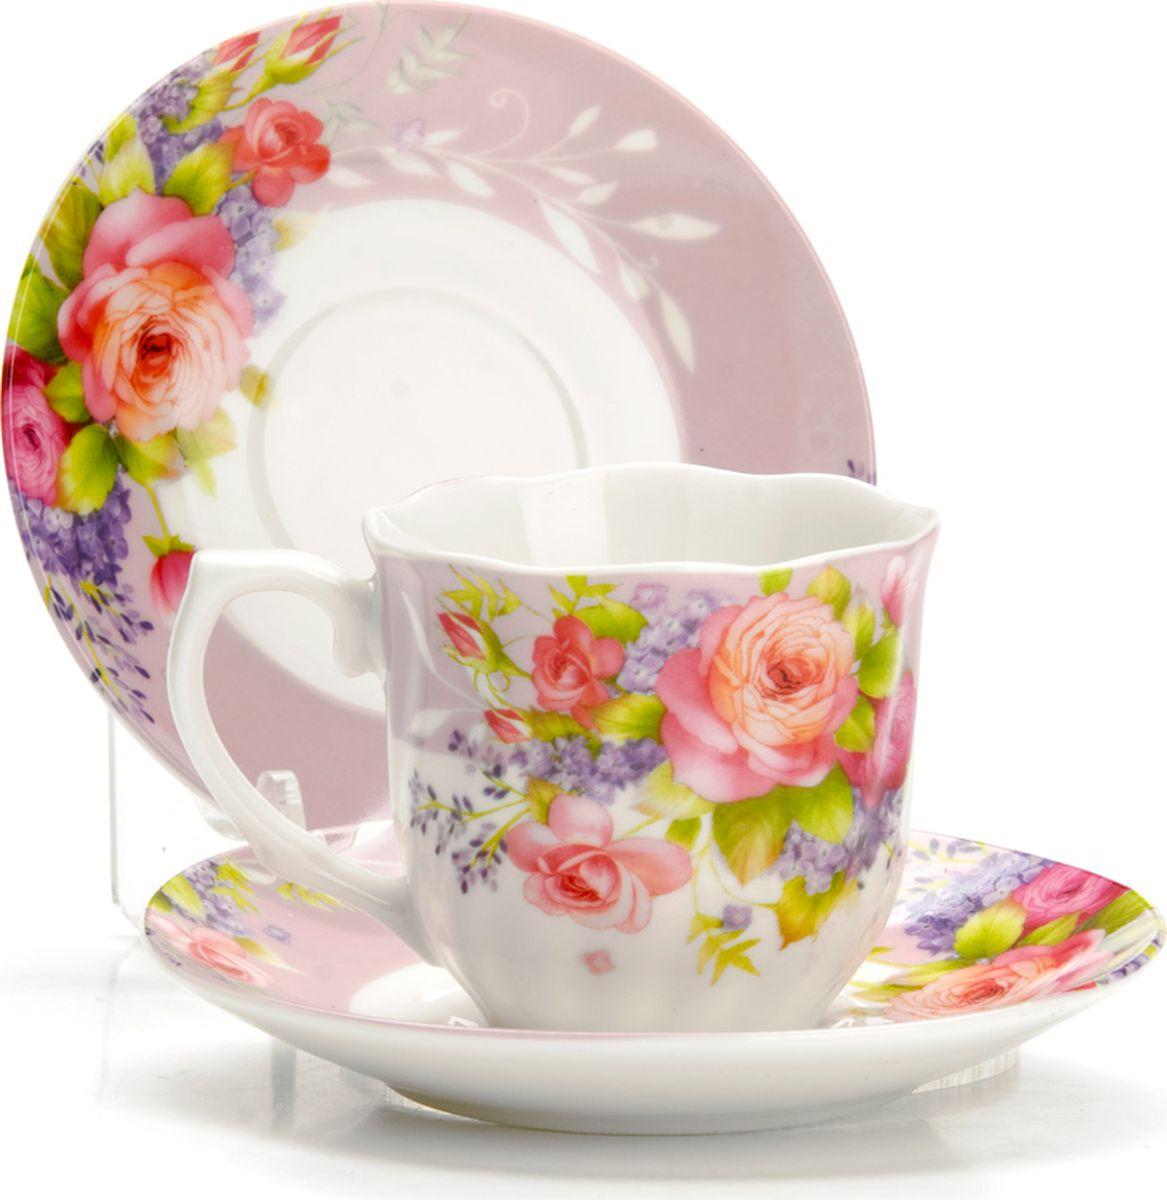 Набор кофейный Loraine, 12 предметов. 43332VT-1520(SR)Кофейный сервиз на 6 персон изготовлен из качественного фарфора и оформлен красивым цветочным рисунком. Элегантный и удобный кофейный сервиз не только украсит сервировку стола, но и поднимет настроение и превратит процесс чаепития в одно удовольствие.Сервиз состоит из 12 предметов: шести чашек и шести блюдец, упакованных в подарочную коробку. Чашки имеют удобную, изящную ручку. Изделия легко и просто мыть. Кофейный сервиз прекрасно подойдет в качестве подарка для родных и друзей на любой праздник!Диаметр чашки: 6 см.Высота чашки: 5,5 см.Объем чашки: 80 мл.Диаметр блюдца: 11 см.